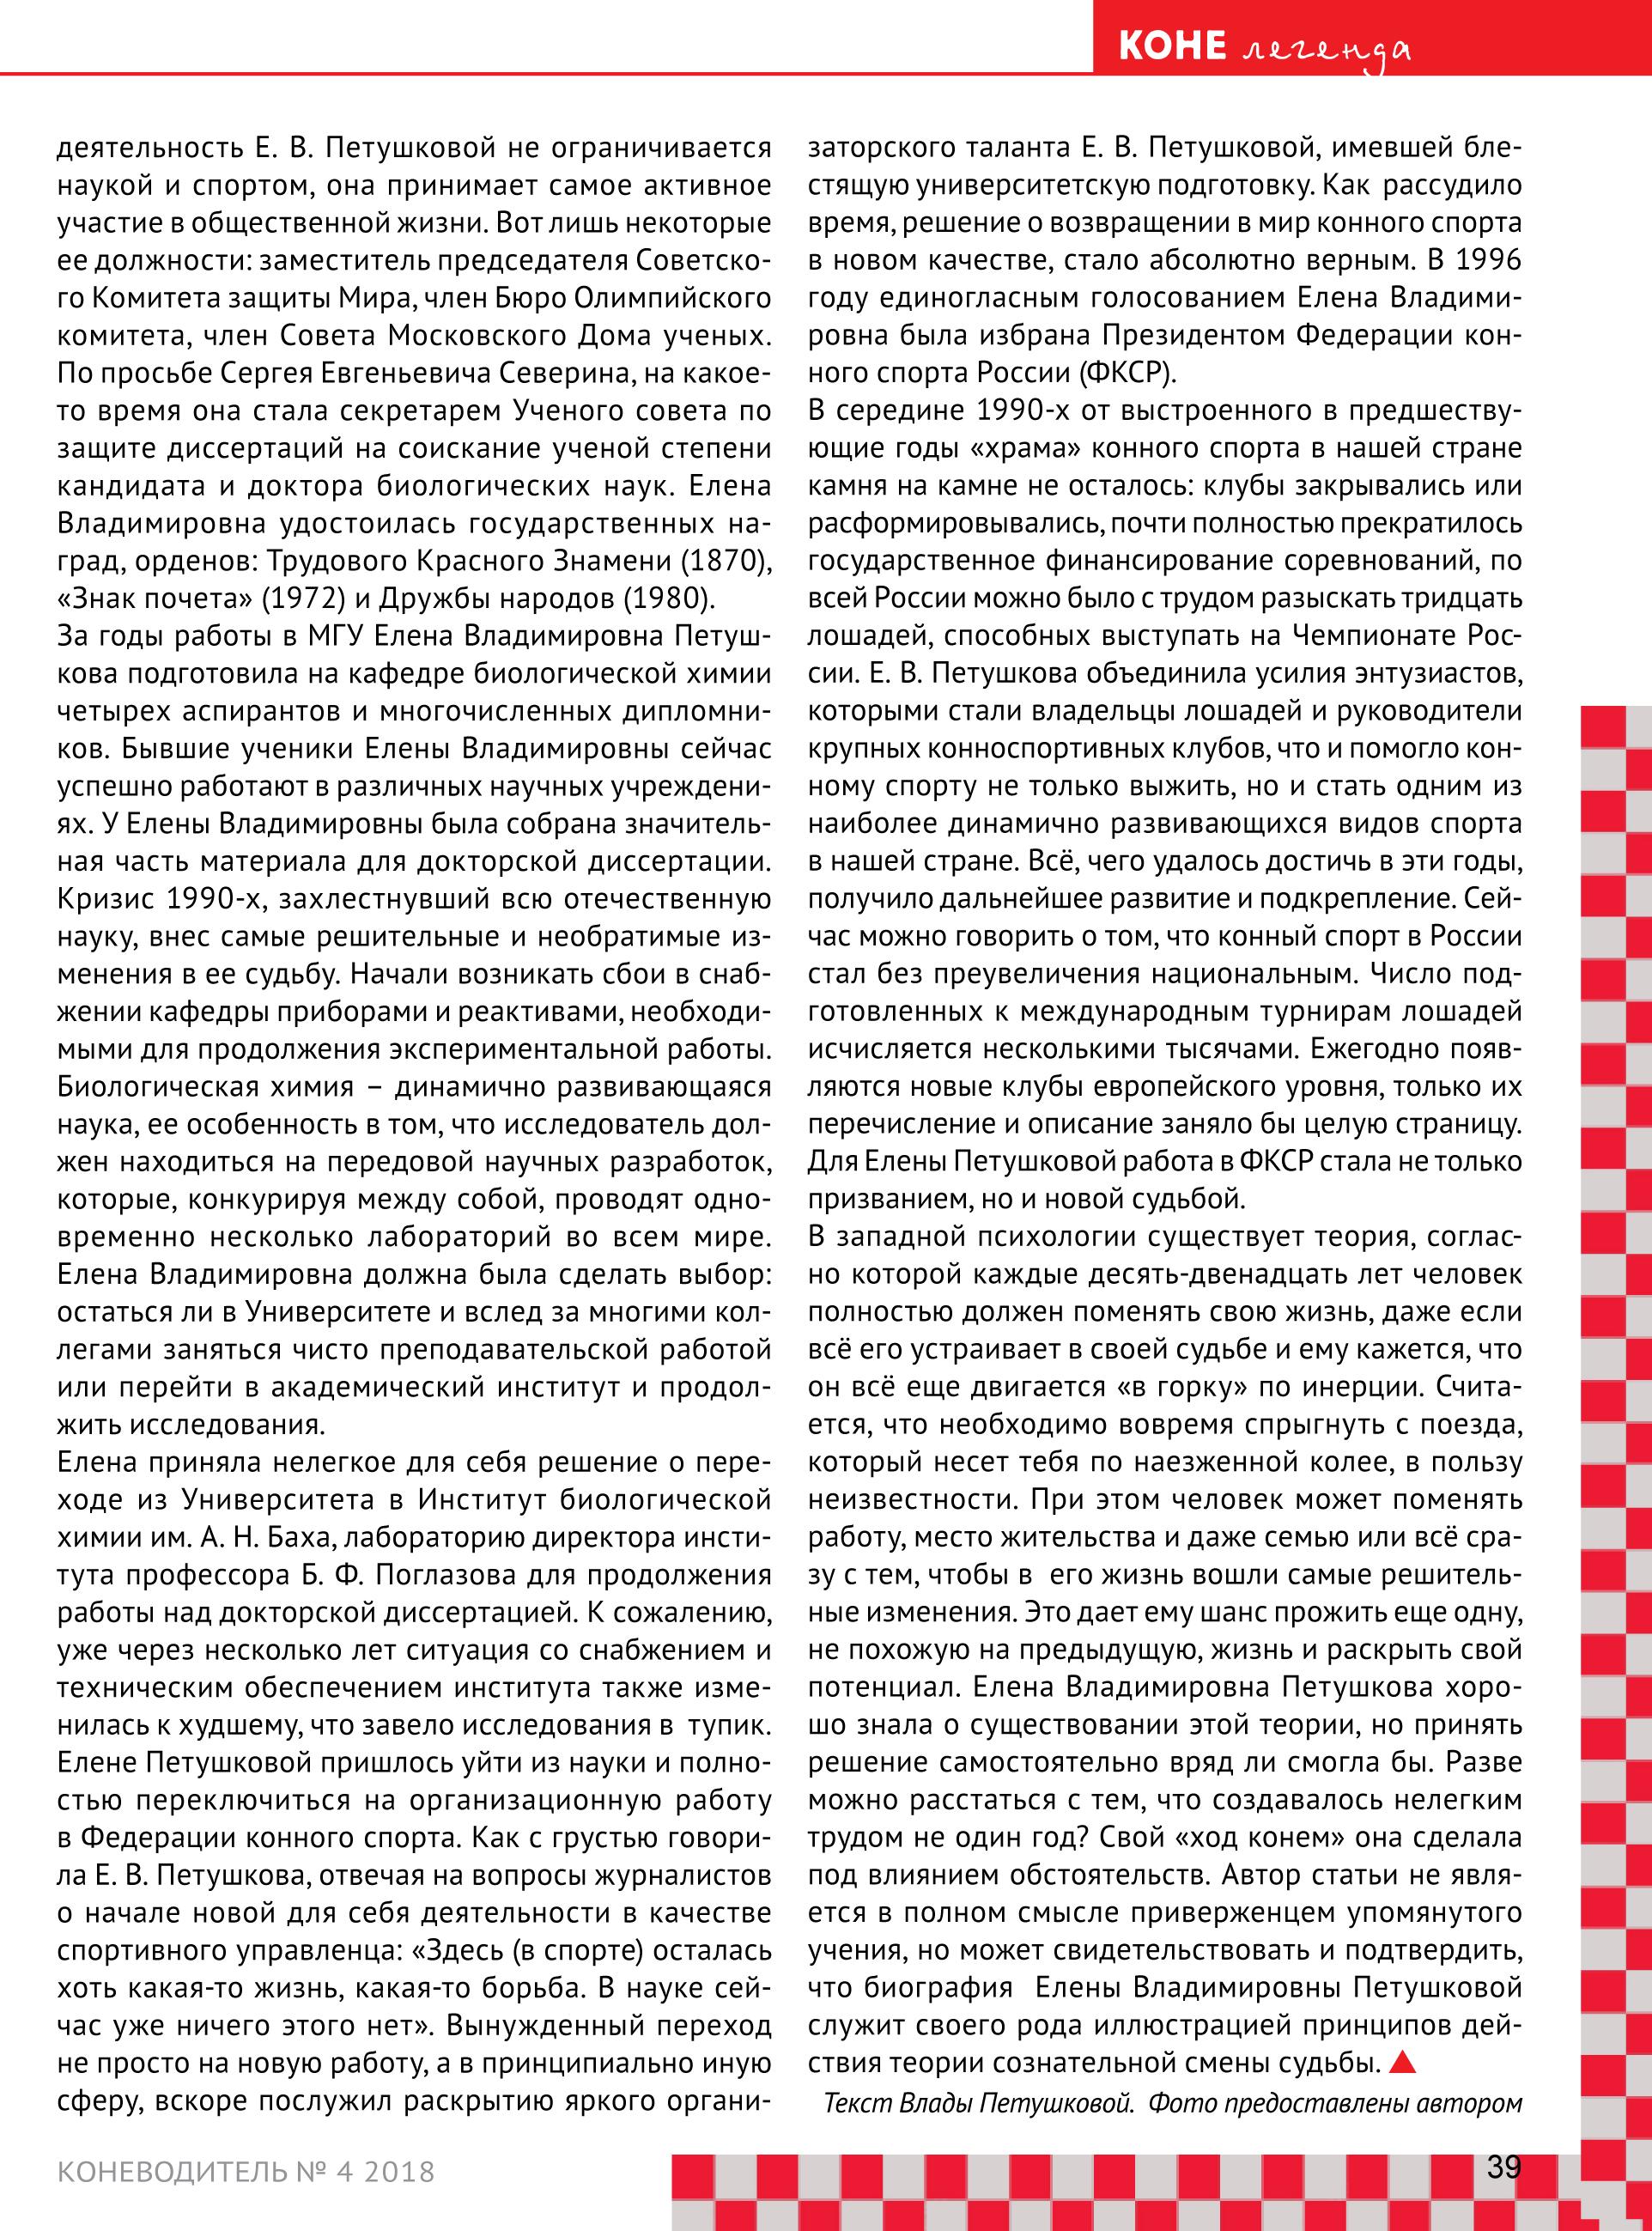 Book КОНЕВОДИТЕЛЬ 4_ proof-39